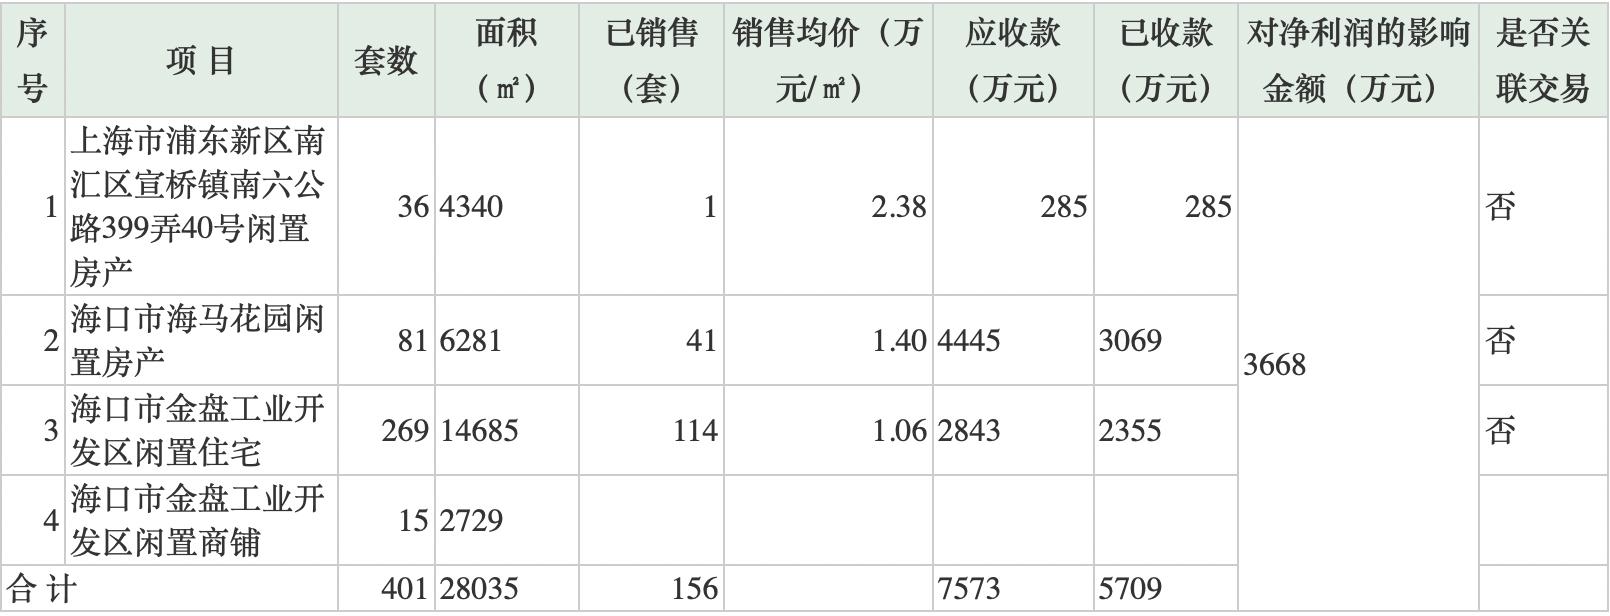 为保壳摘帽 海马汽车拟出售401套房补充流动资金 5个月卖出156套房产